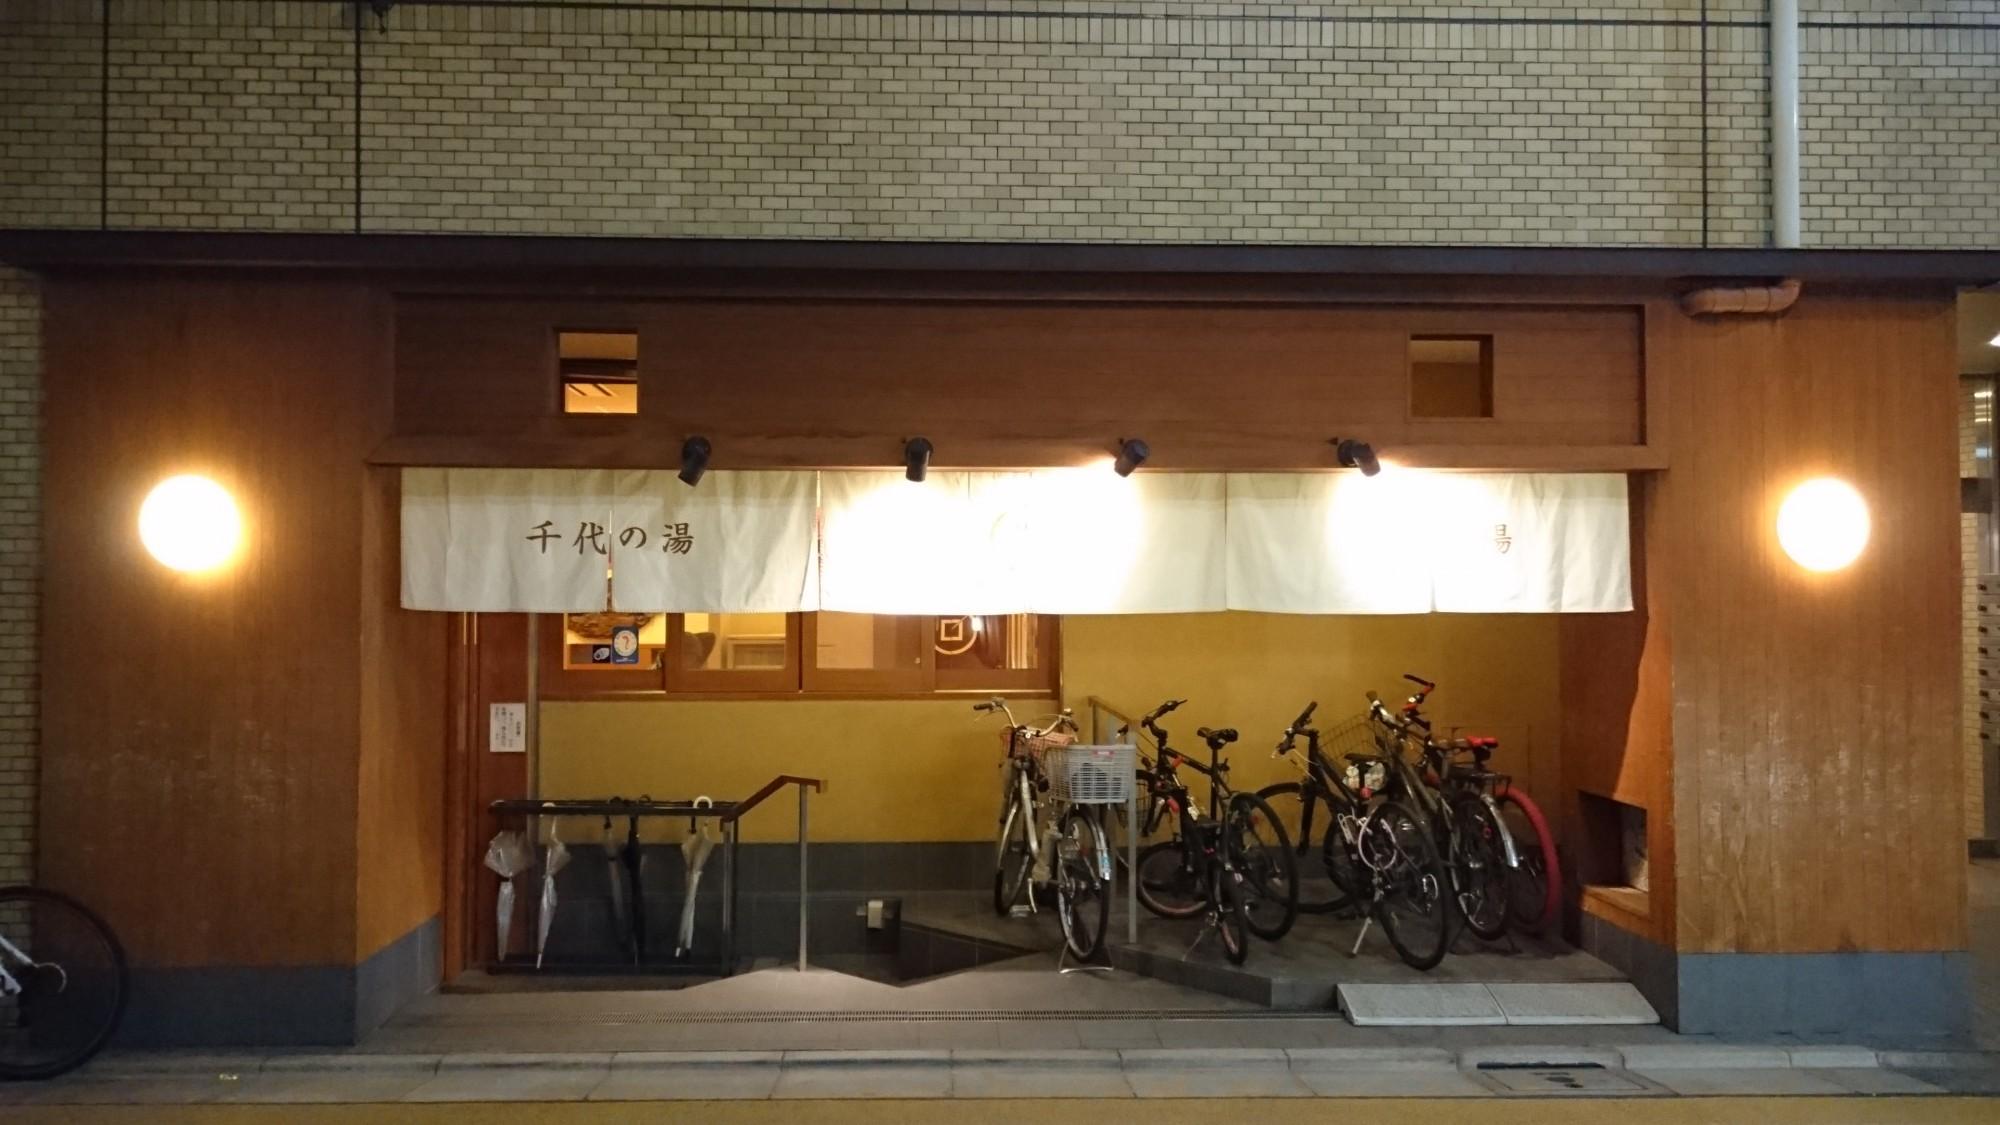 [東京,銭湯]軟水が肌に優しいデザイナーズ銭湯 @学芸大学 千代の湯 [Route15]